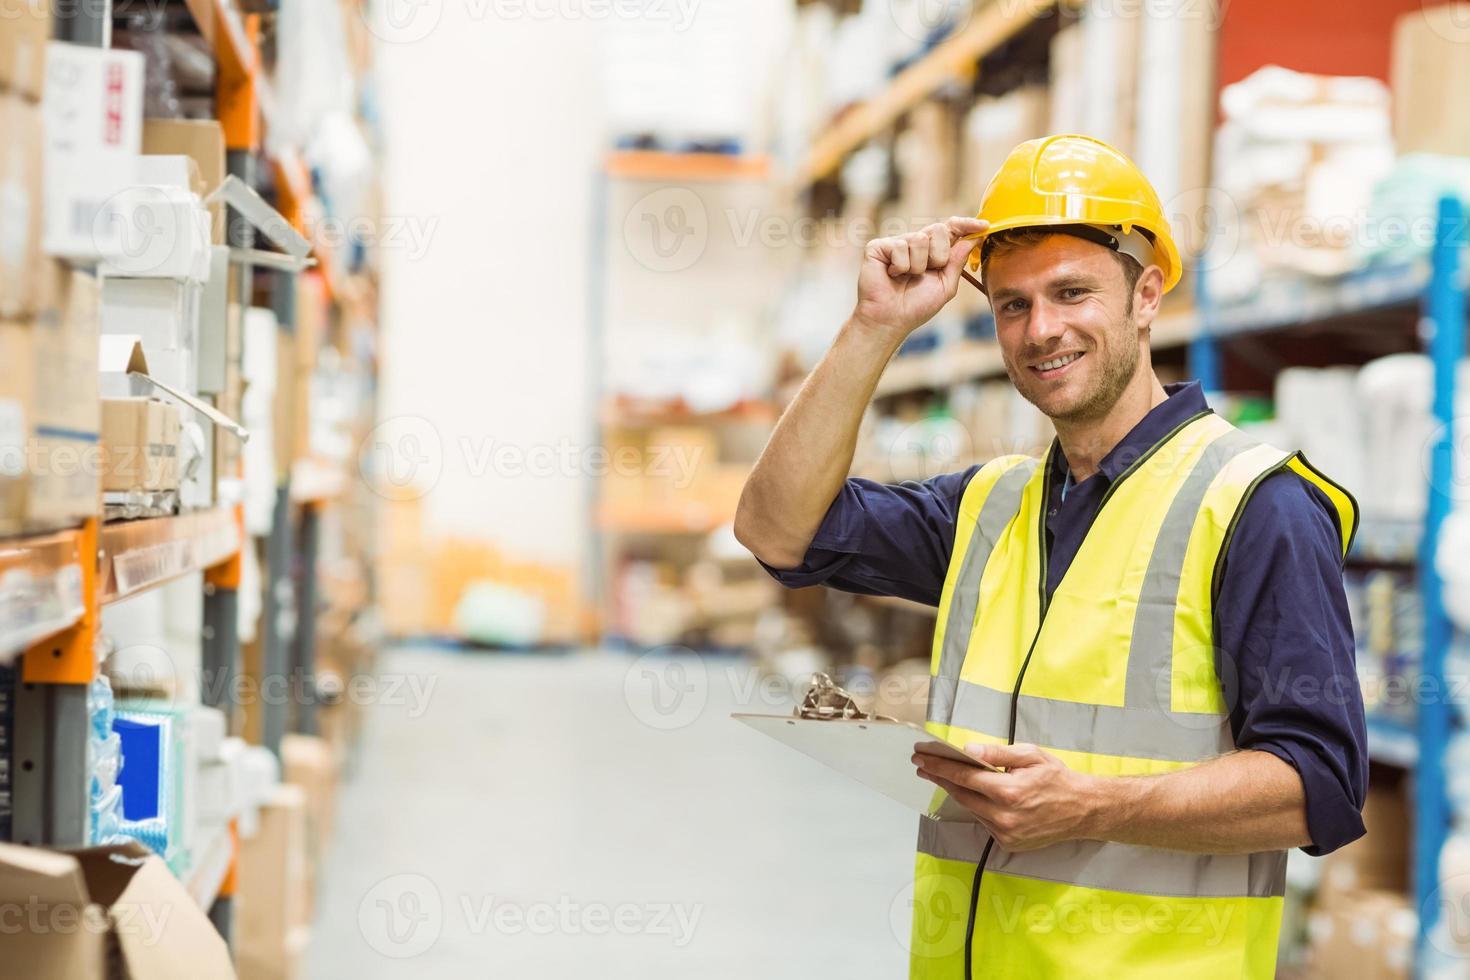 retrato de trabalhador de armazém com prancheta foto